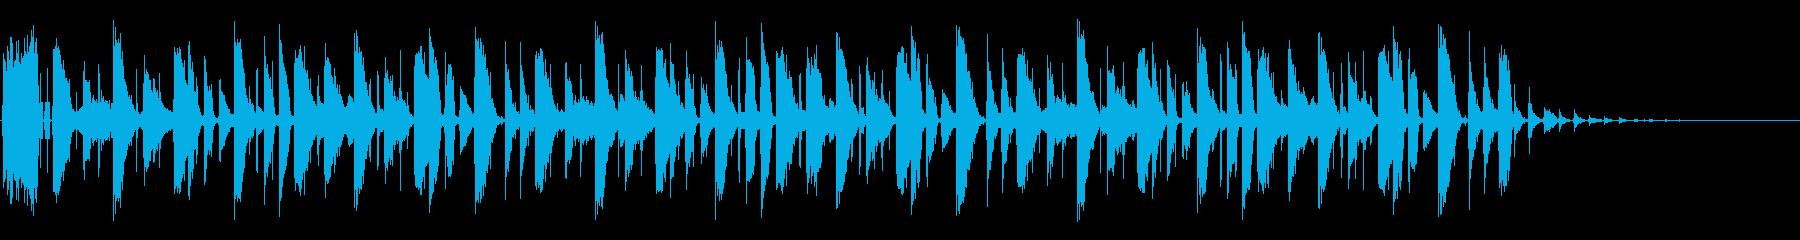 フェイザーベッドの再生済みの波形